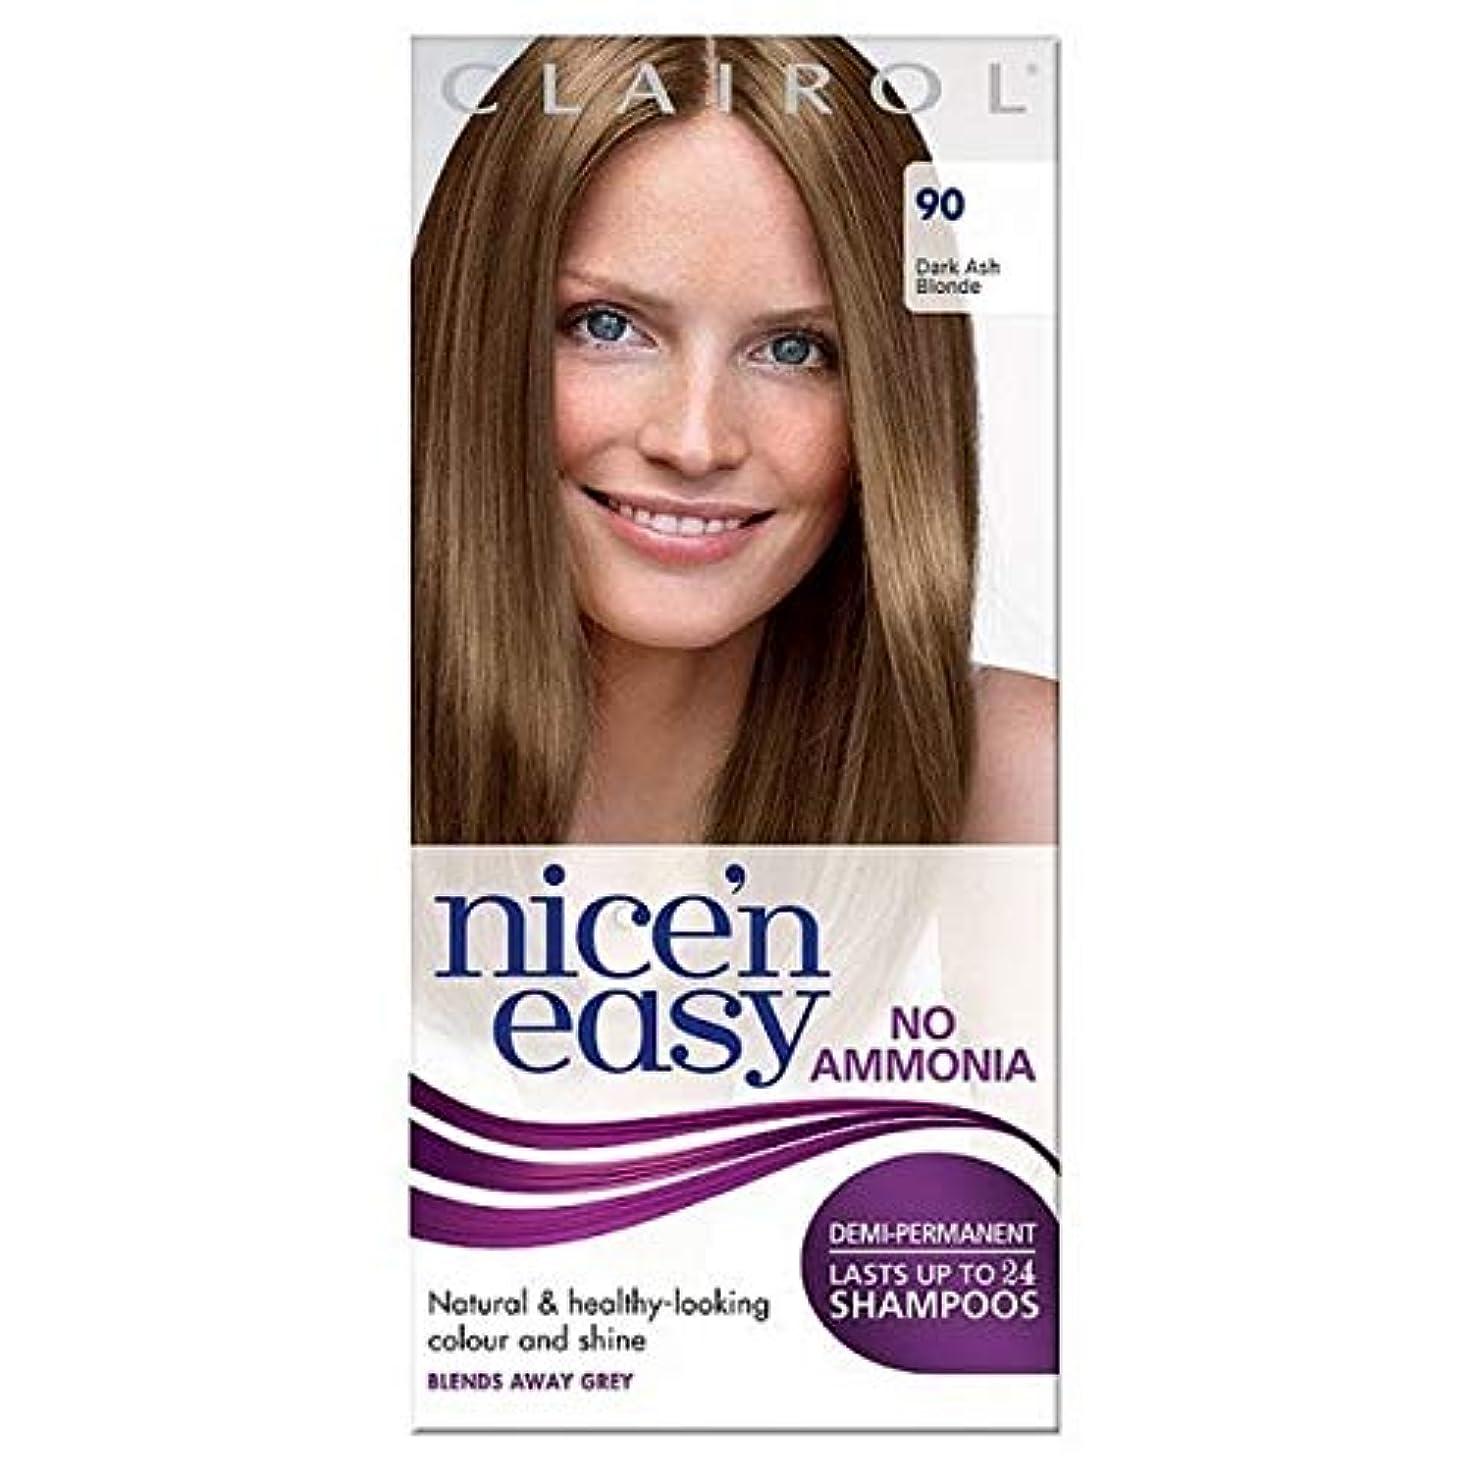 改修する準備する苦情文句[Nice'n Easy] Nice'N簡単に無アンモニア毛染め暗い灰ブロンド90 - Nice'n Easy No Ammonia Hair Dye Dark Ash Blonde 90 [並行輸入品]